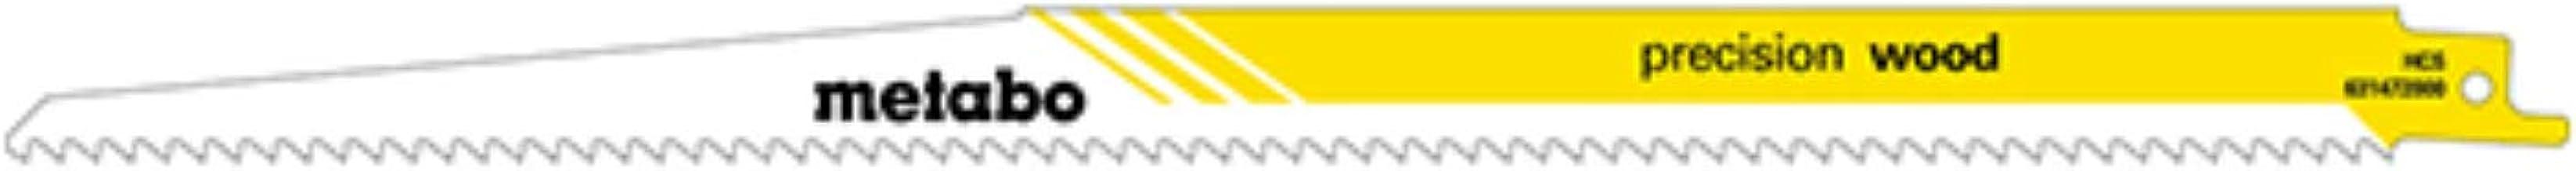 Metabo 631122000 631122000-Blister de 2 hojas de sierra de sable para madera plasticos, Triscado, rectificado HCS 300 x 1 mm, Amarilla, 0